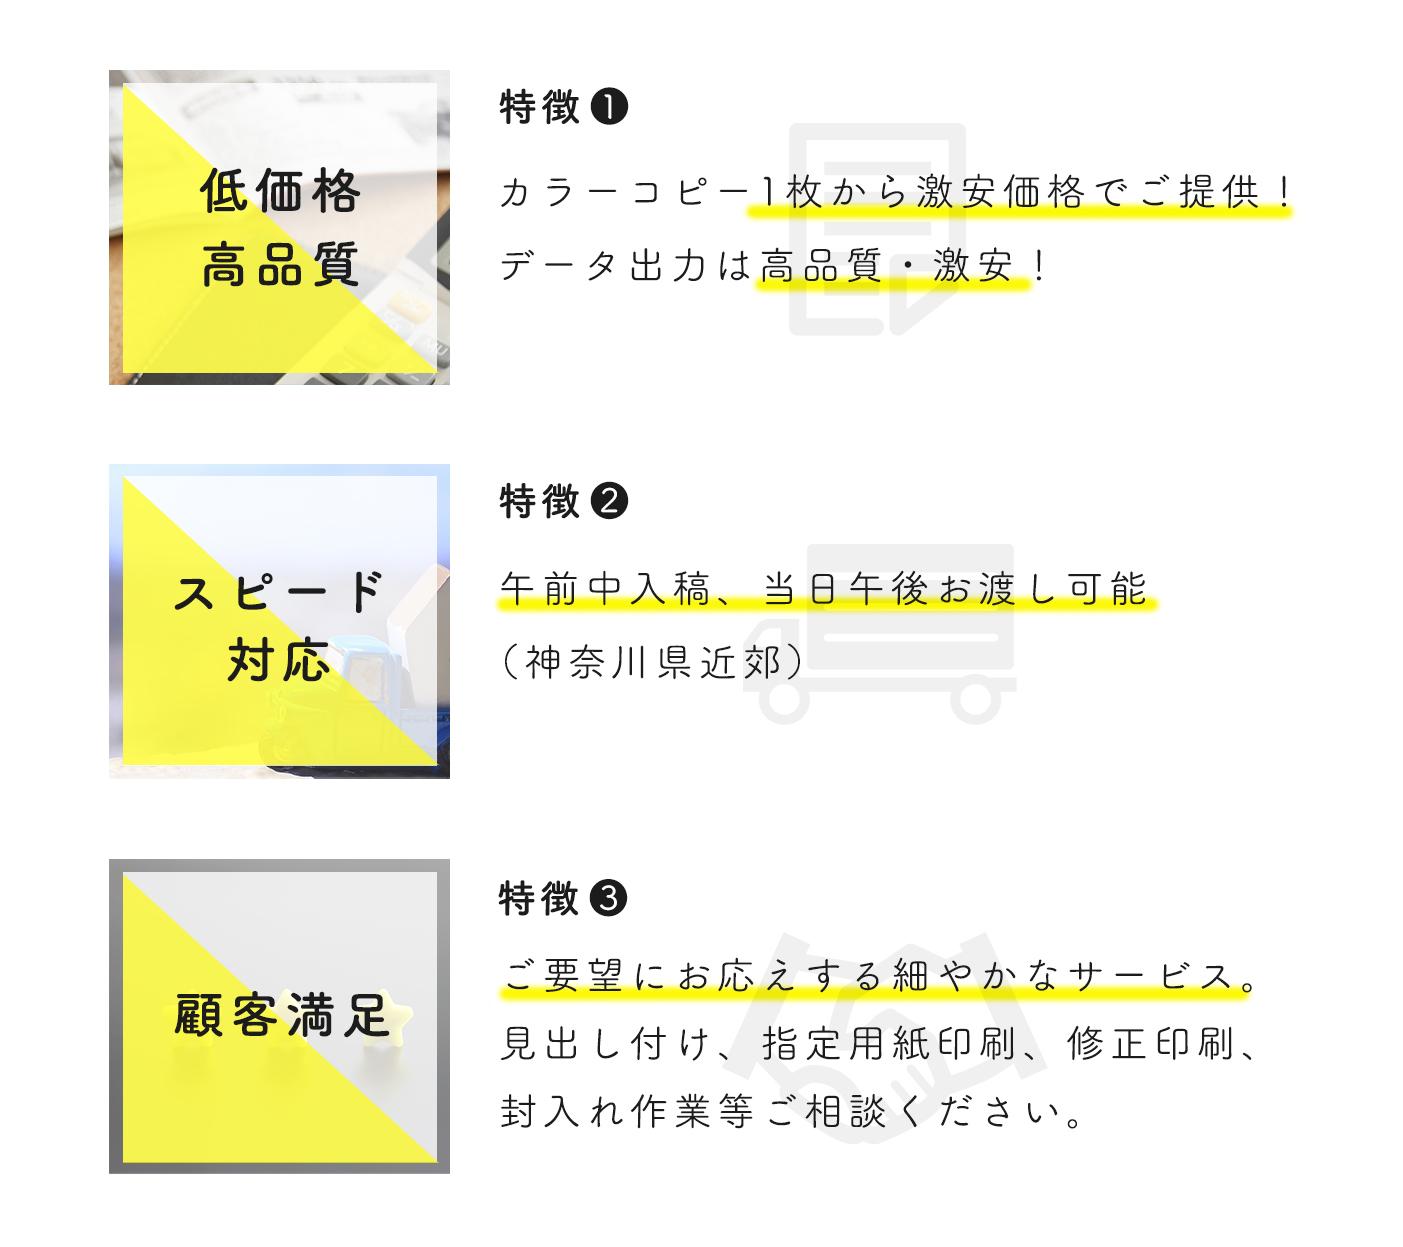 プリントマンが選ばれる3つの特徴